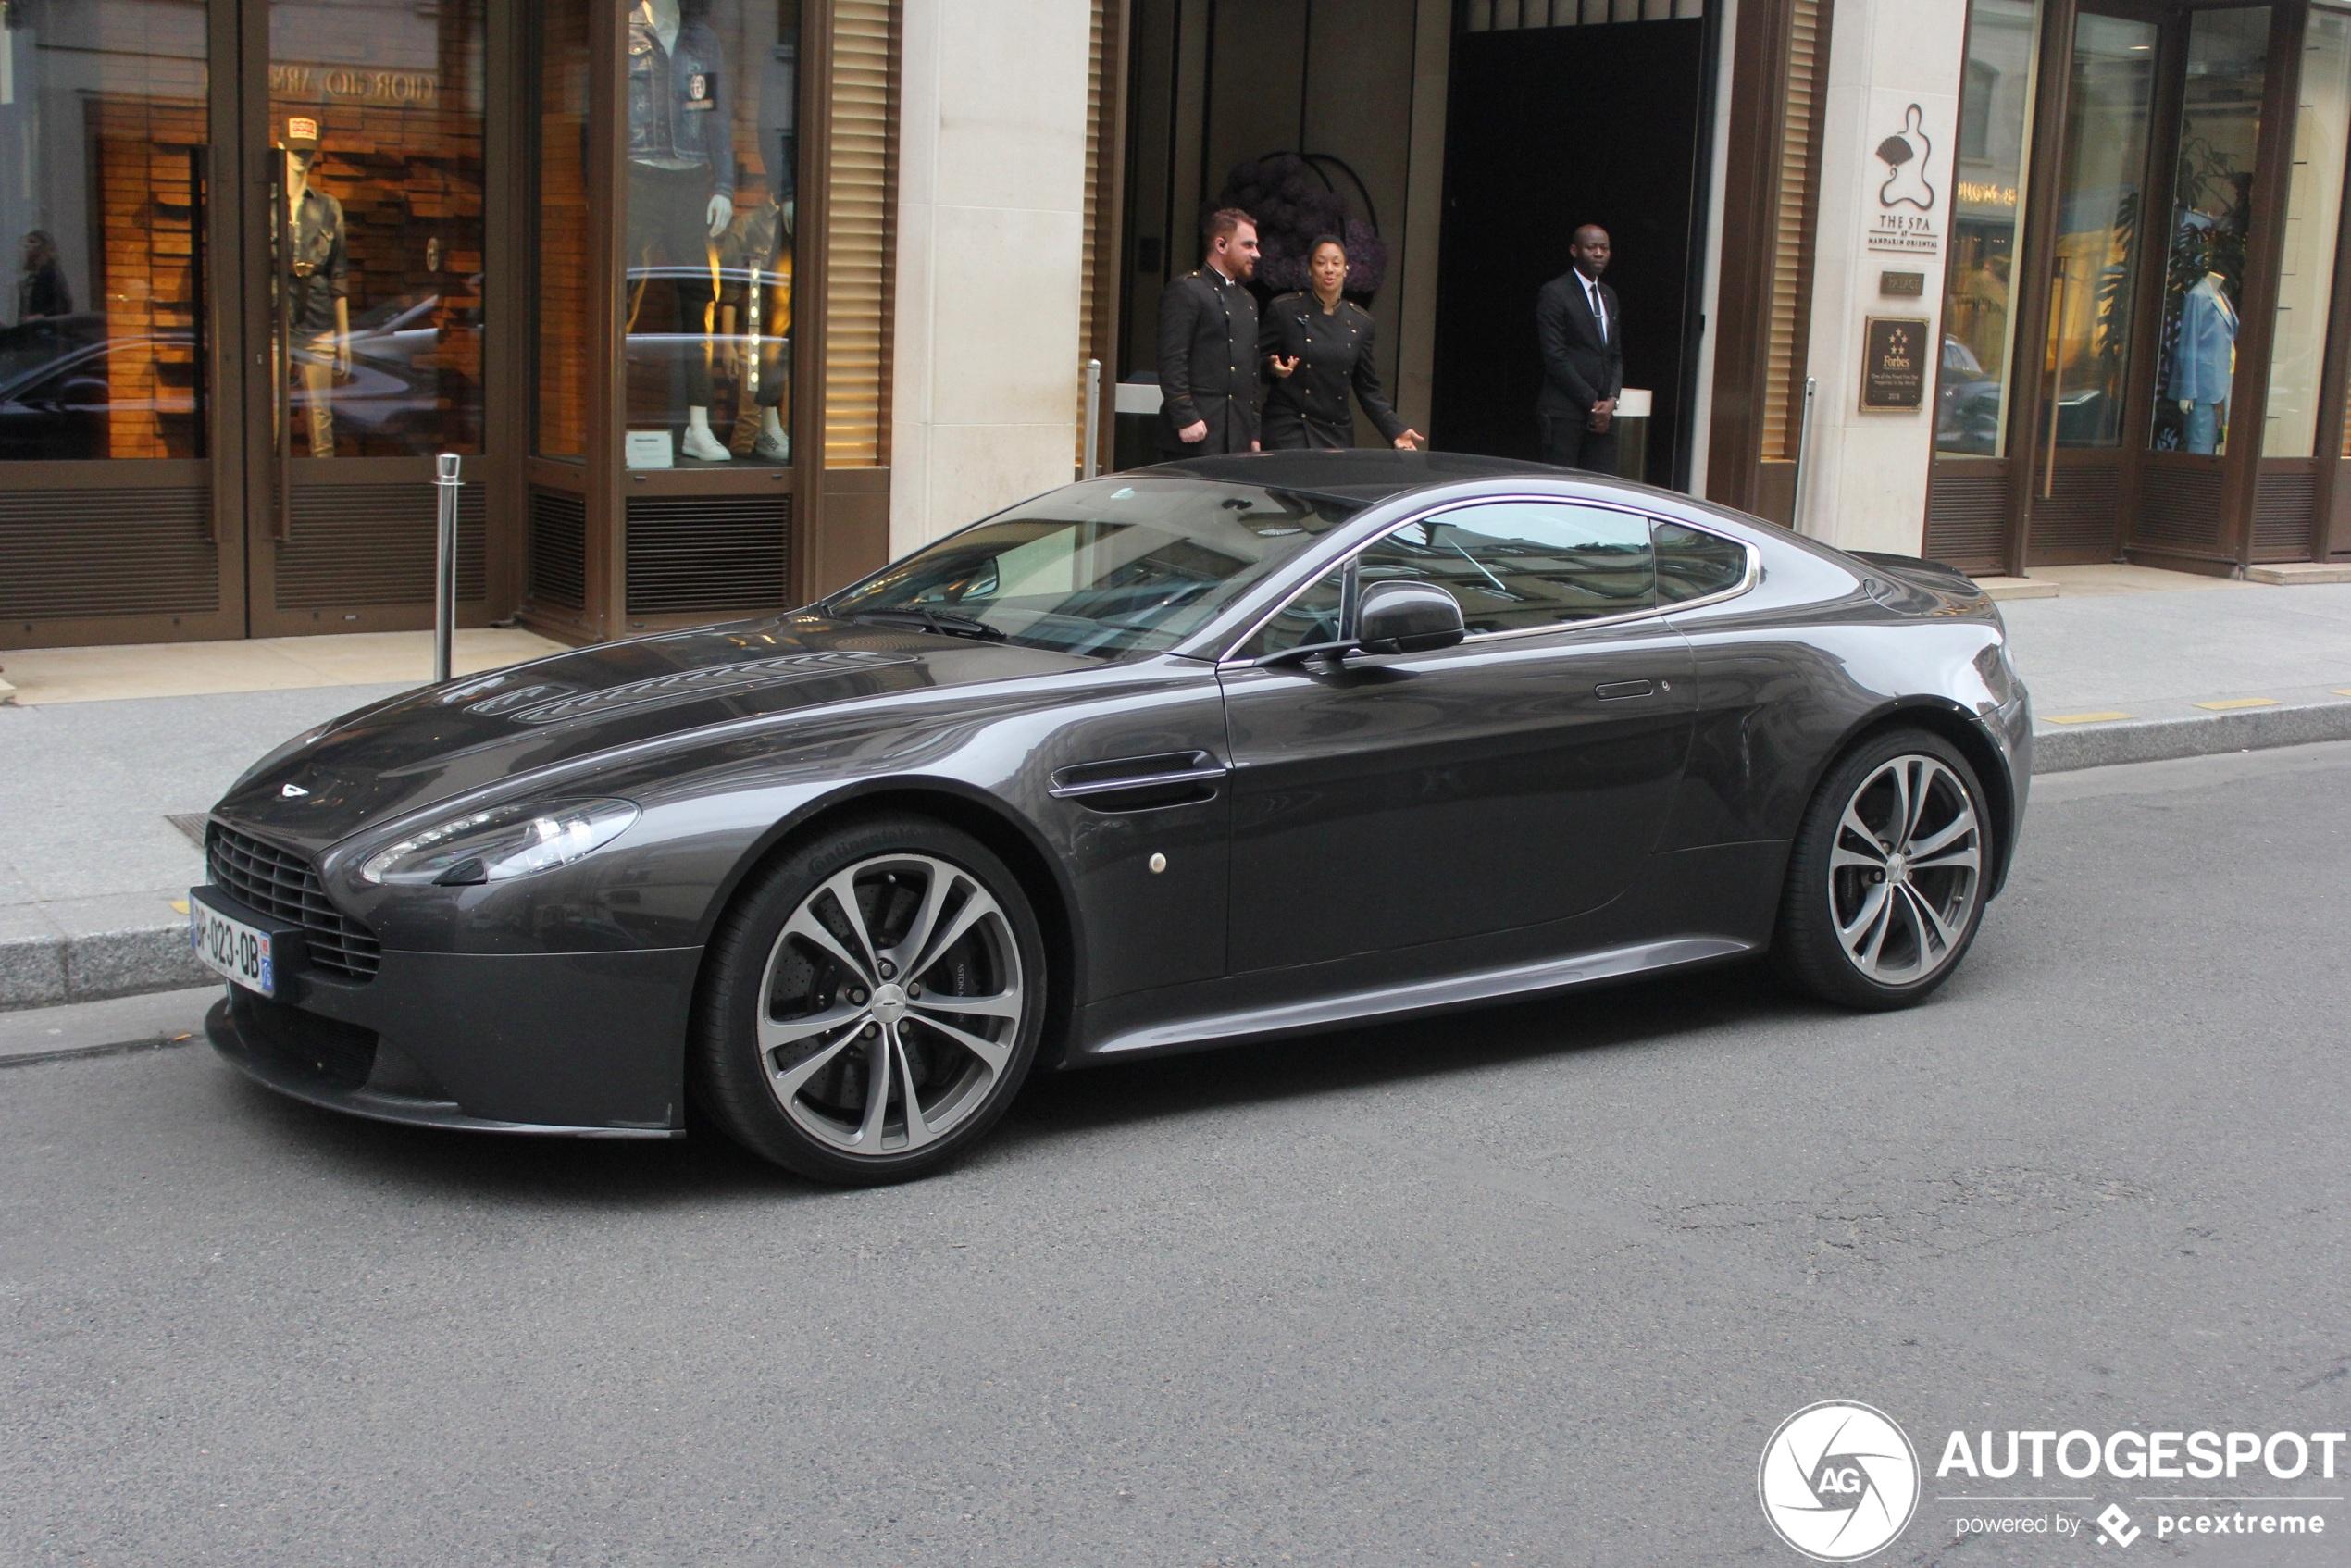 Aston Martin V12 Vantage 31 March 2020 Autogespot